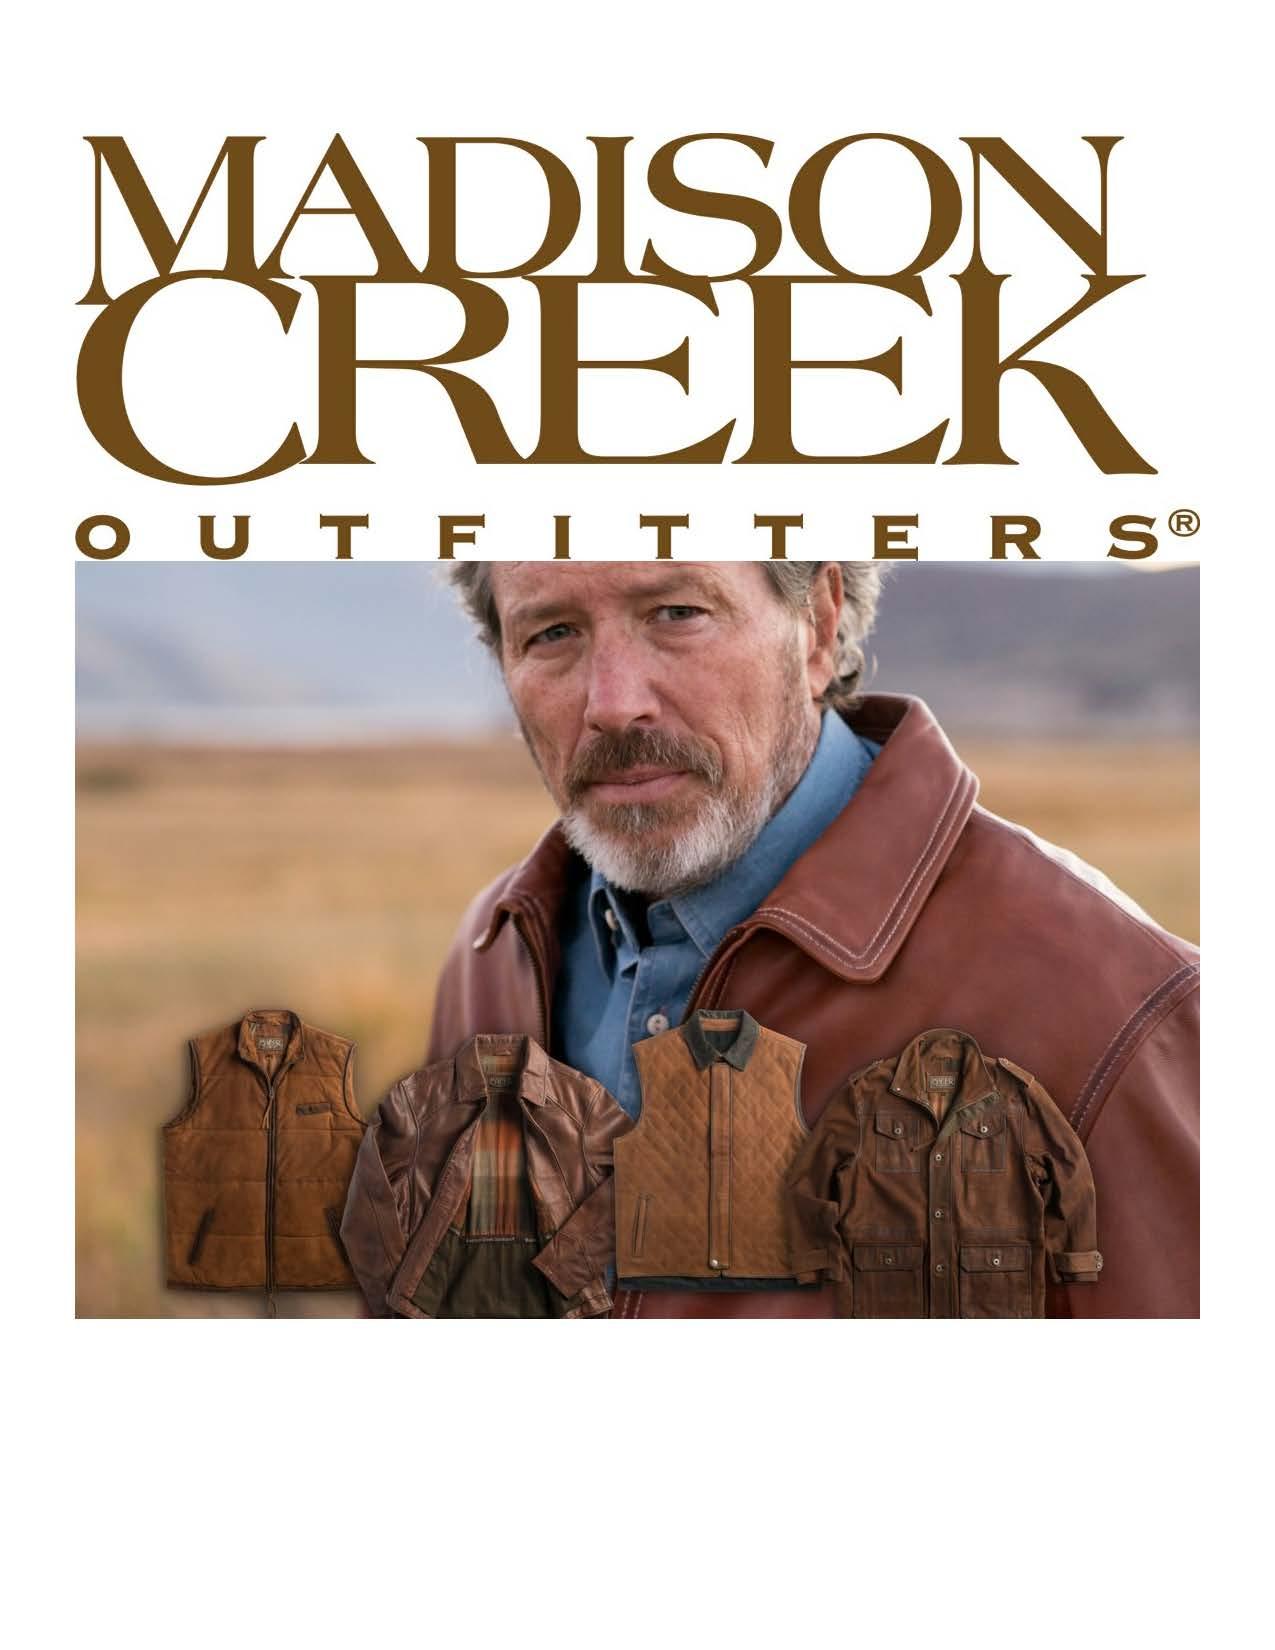 MadisonCreek